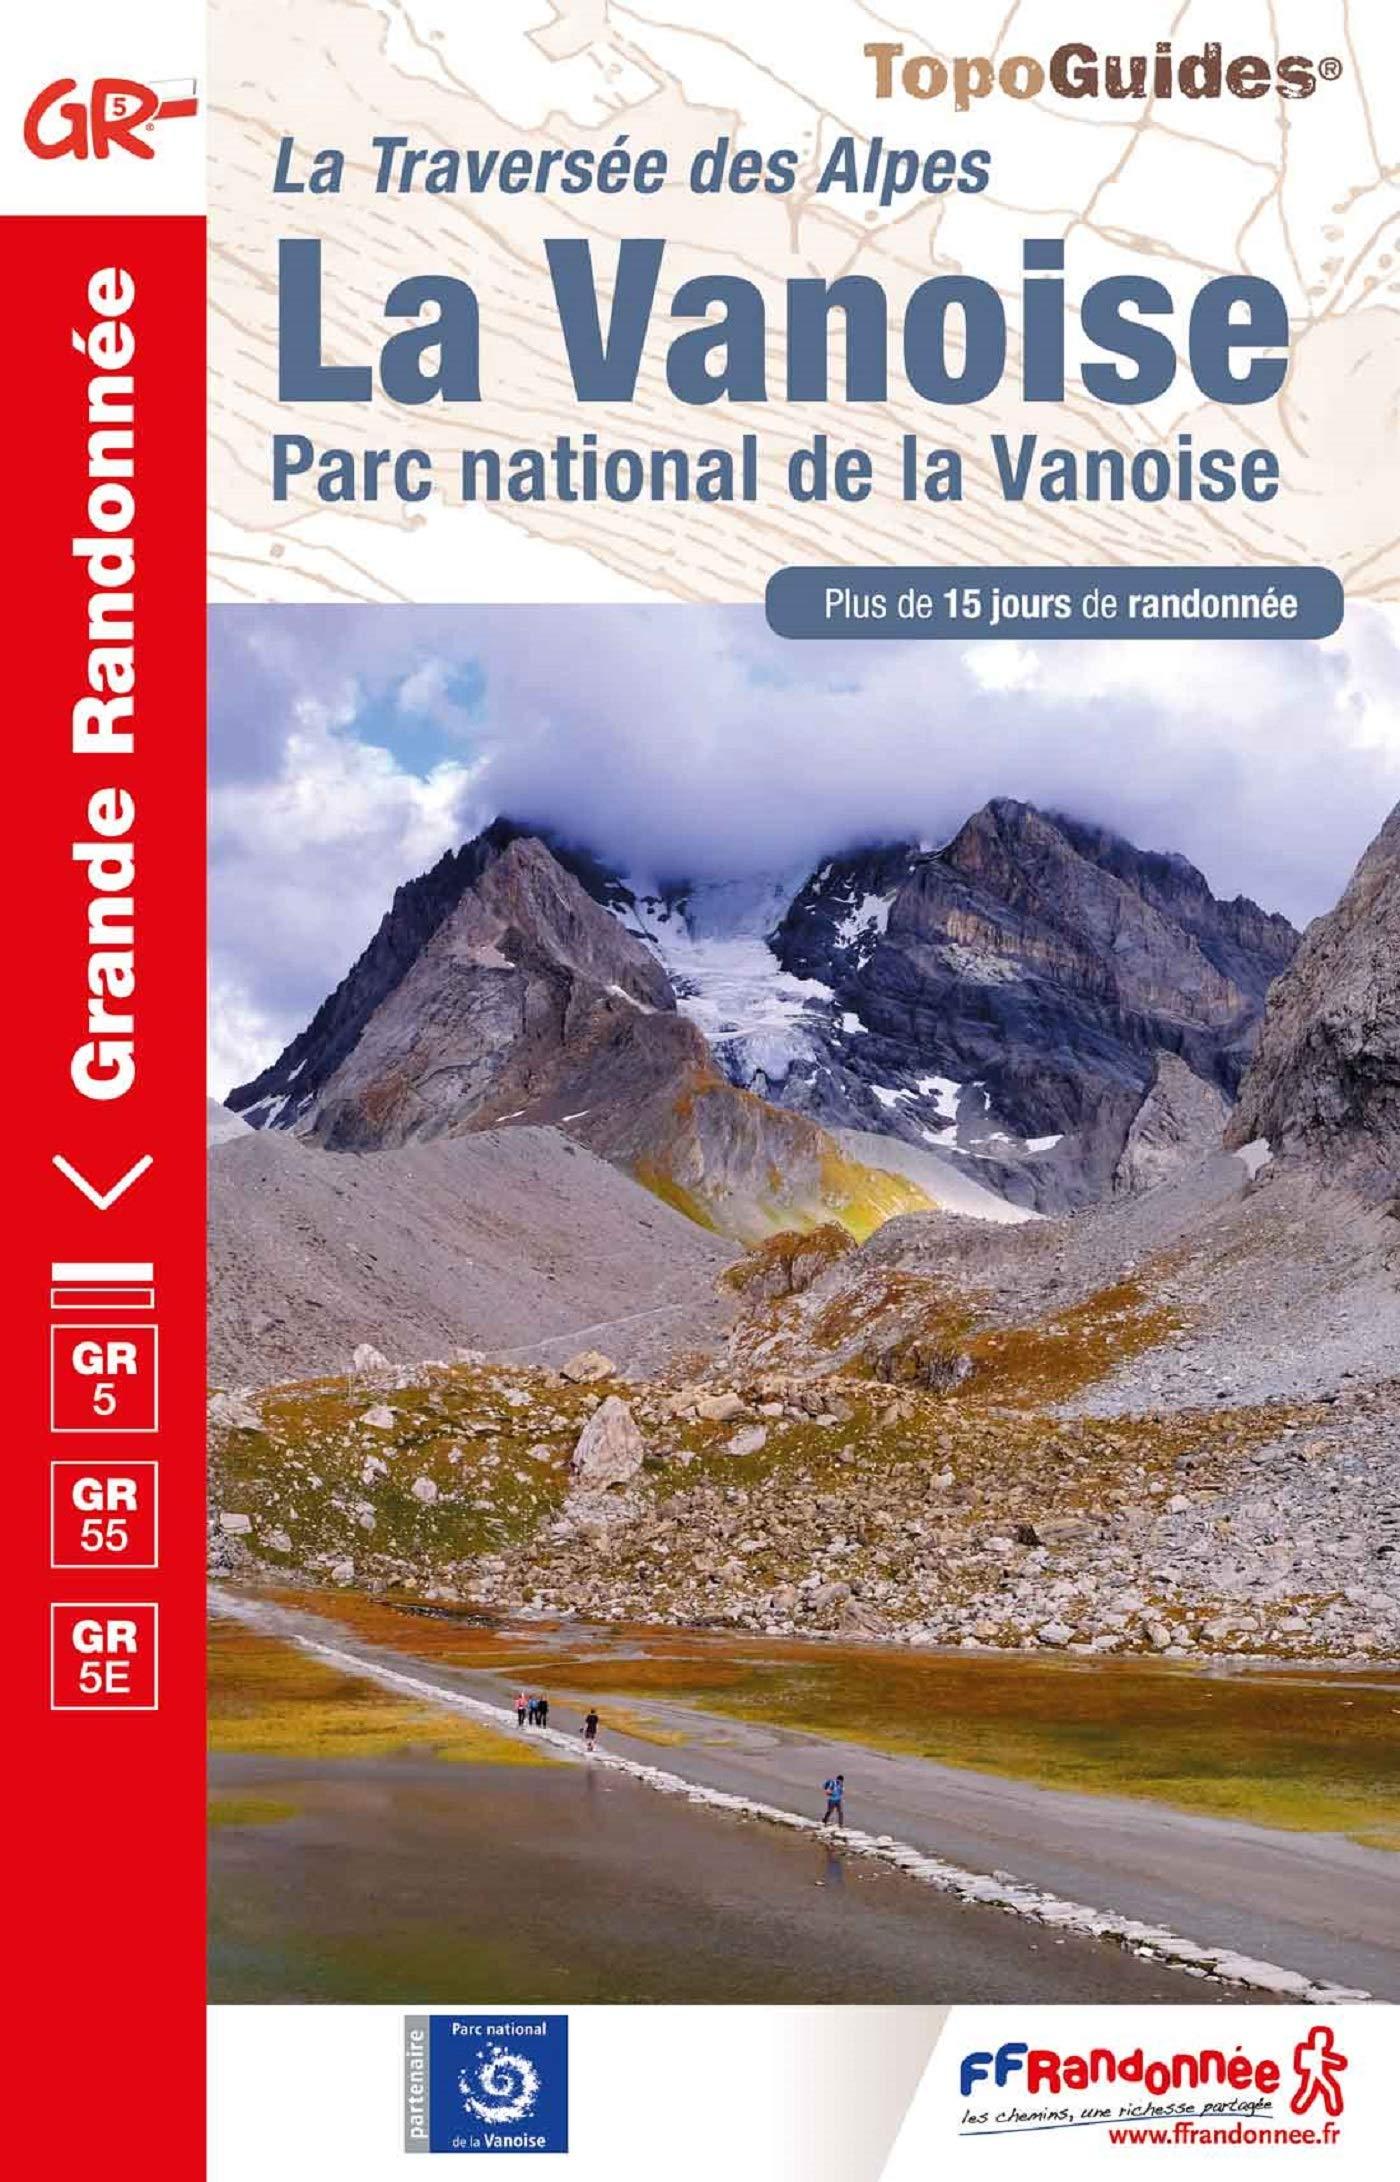 GR-5 | TG-530  Parc National de la Vanoise | wandelgids GR 5 9782751410741  FFRP topoguides à grande randonnée  Meerdaagse wandelroutes, Wandelgidsen Franse Alpen: noord